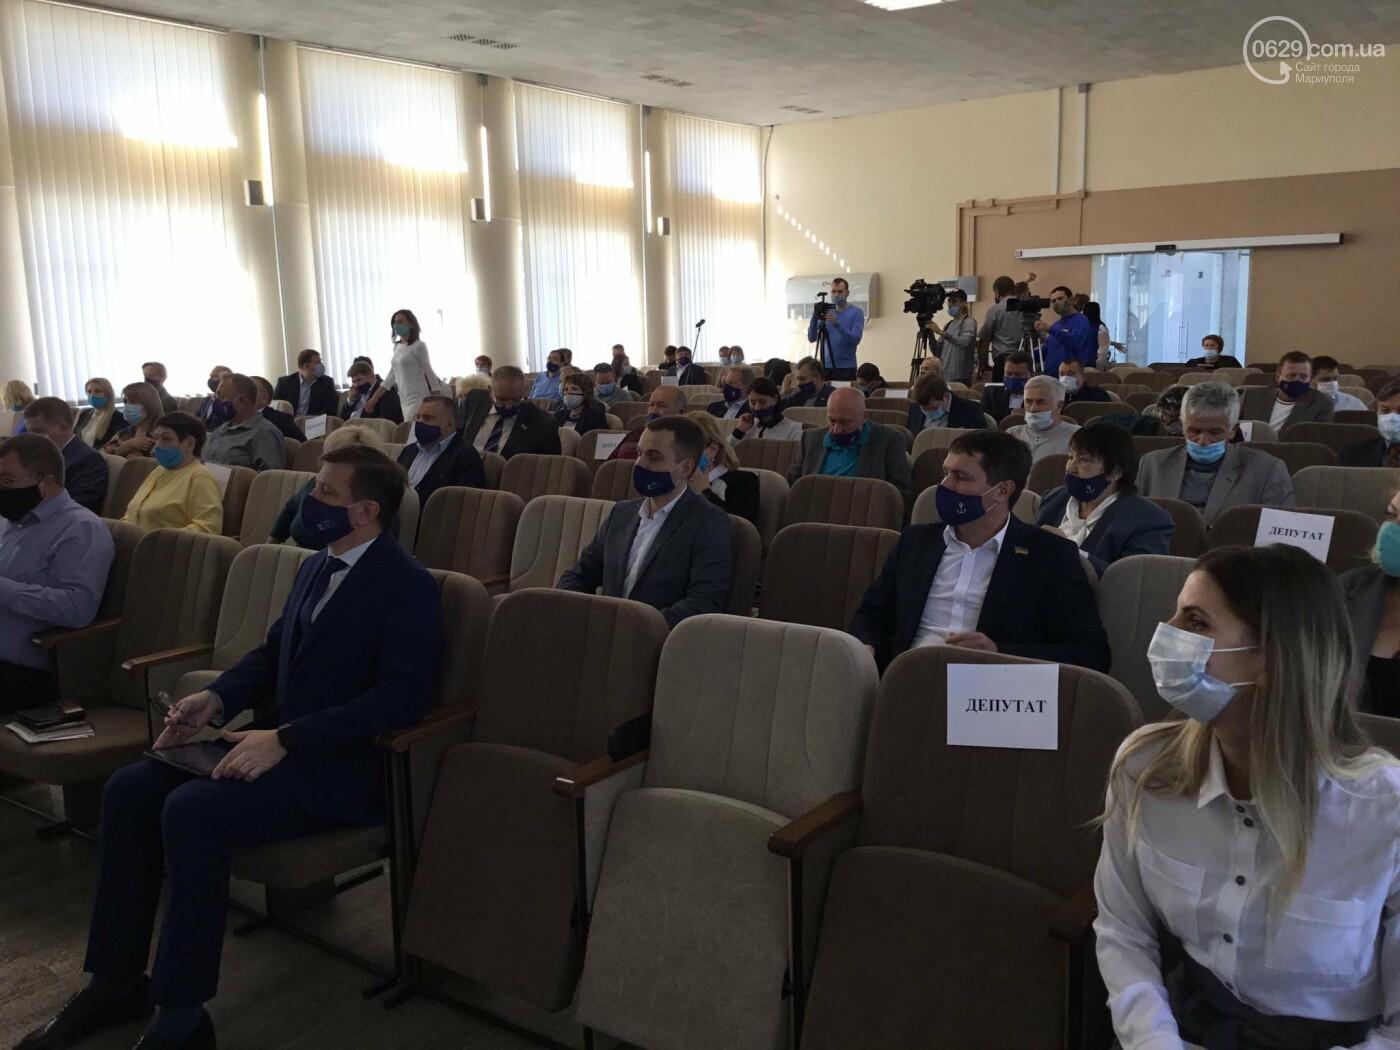 В Мариуполе врачей наградили орденами, - ФОТО, фото-3